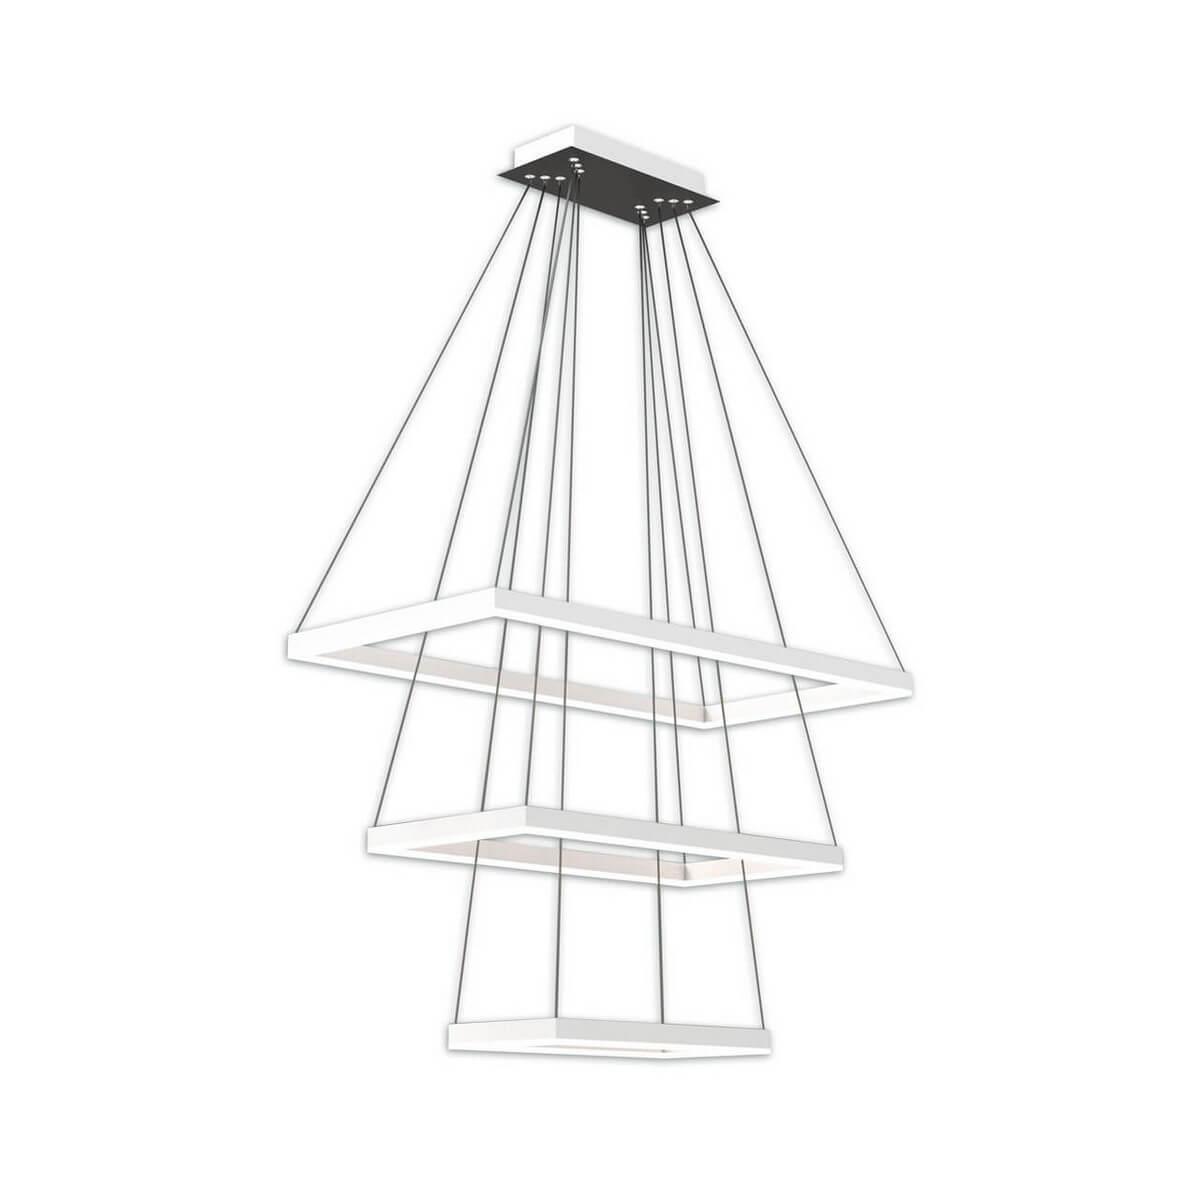 Подвесной светильник Kink Light 08211-3,01(4000K), LED, 85 Вт люстра kink light альтис kl 08665 16